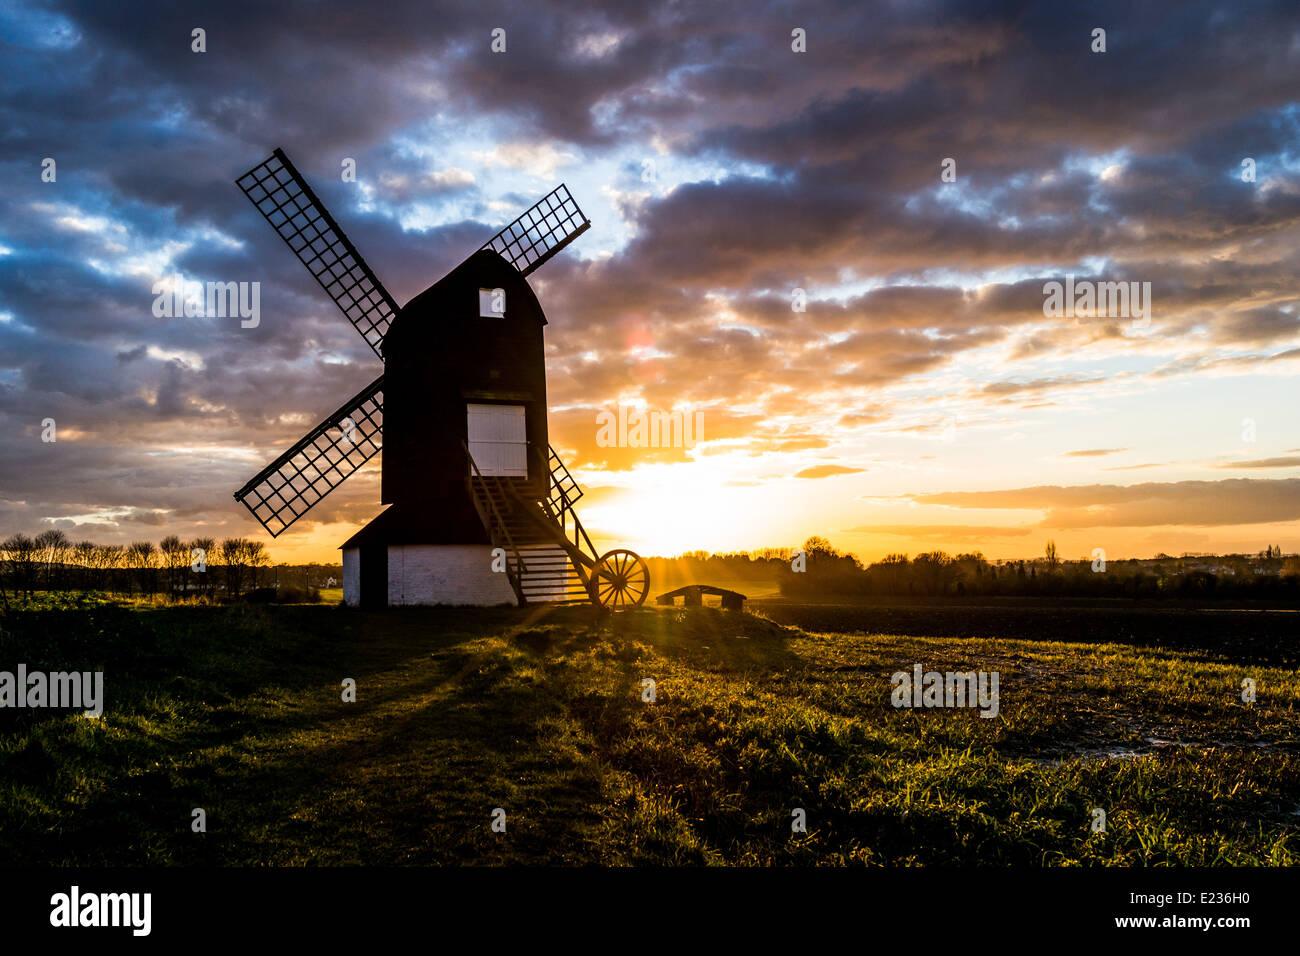 Sunset at Pitstone Windmill - Stock Image